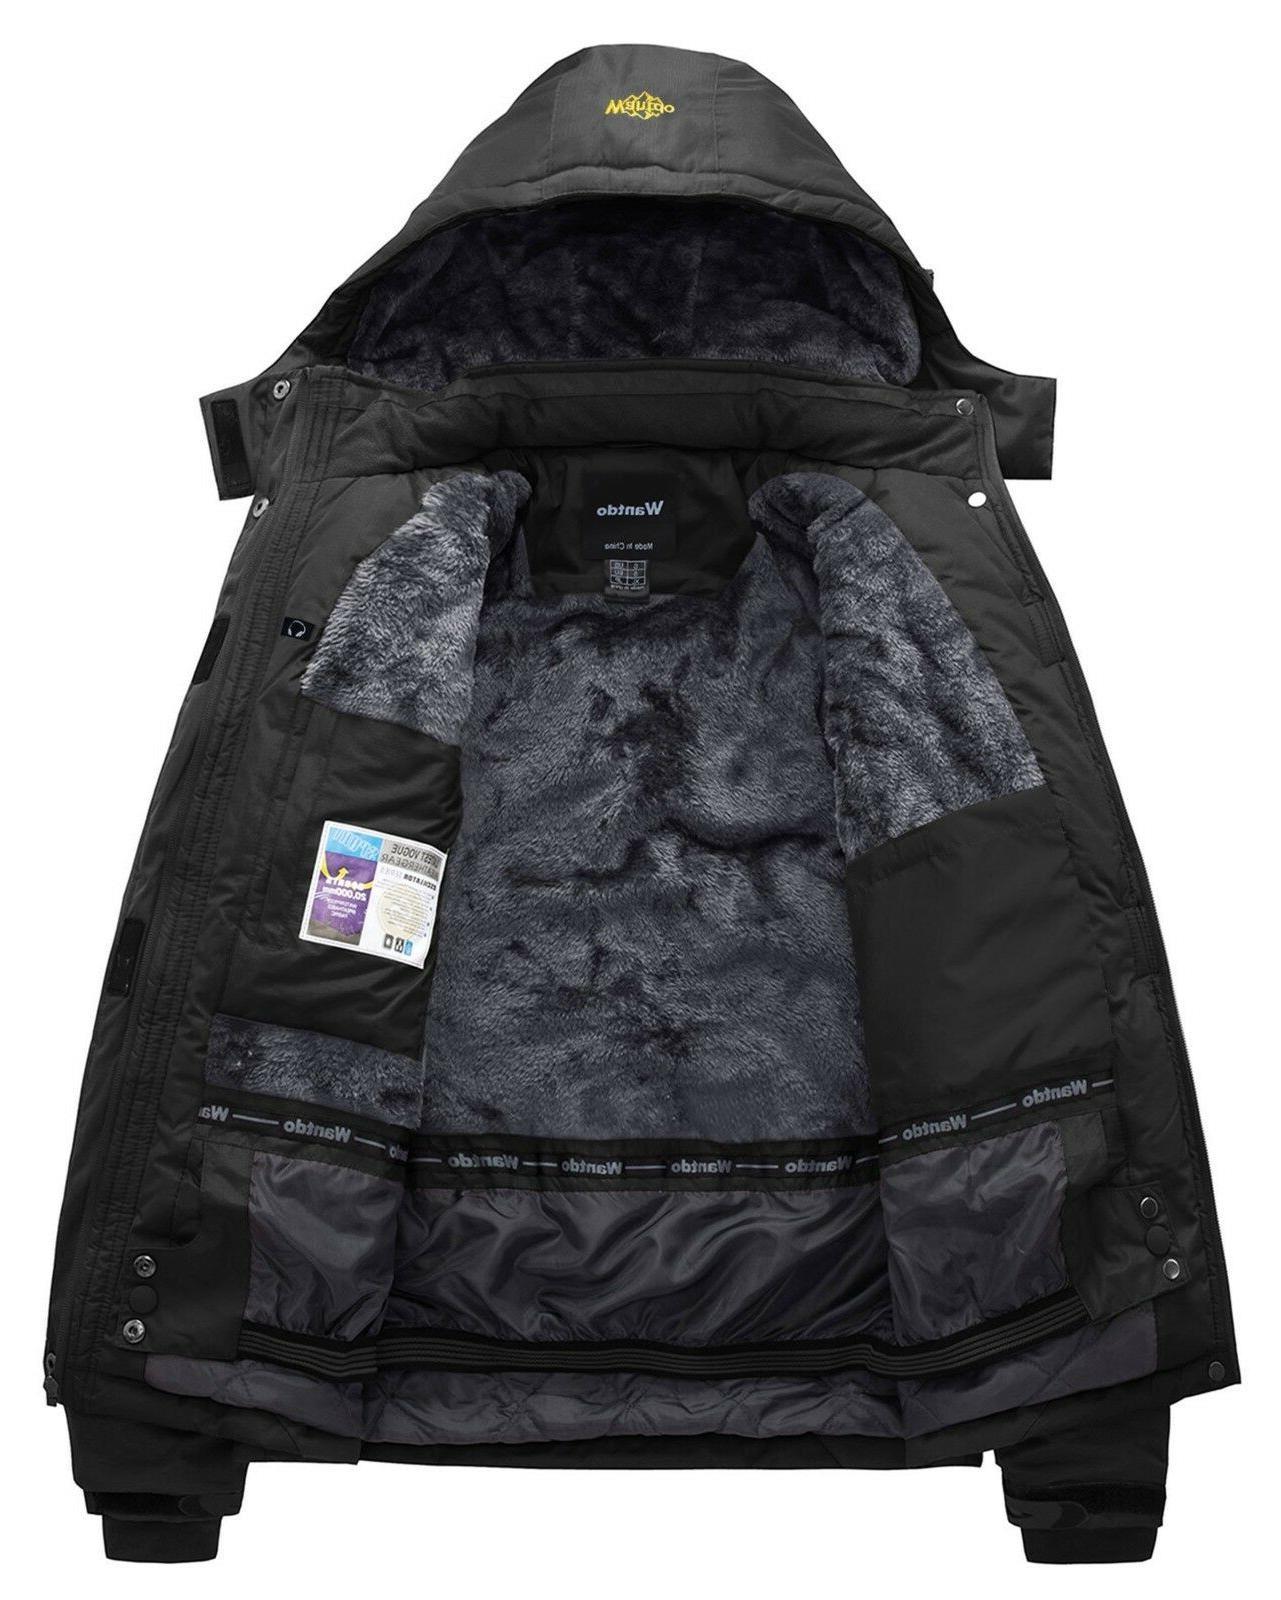 Wantdo Jacket Ski Jacket M Black M